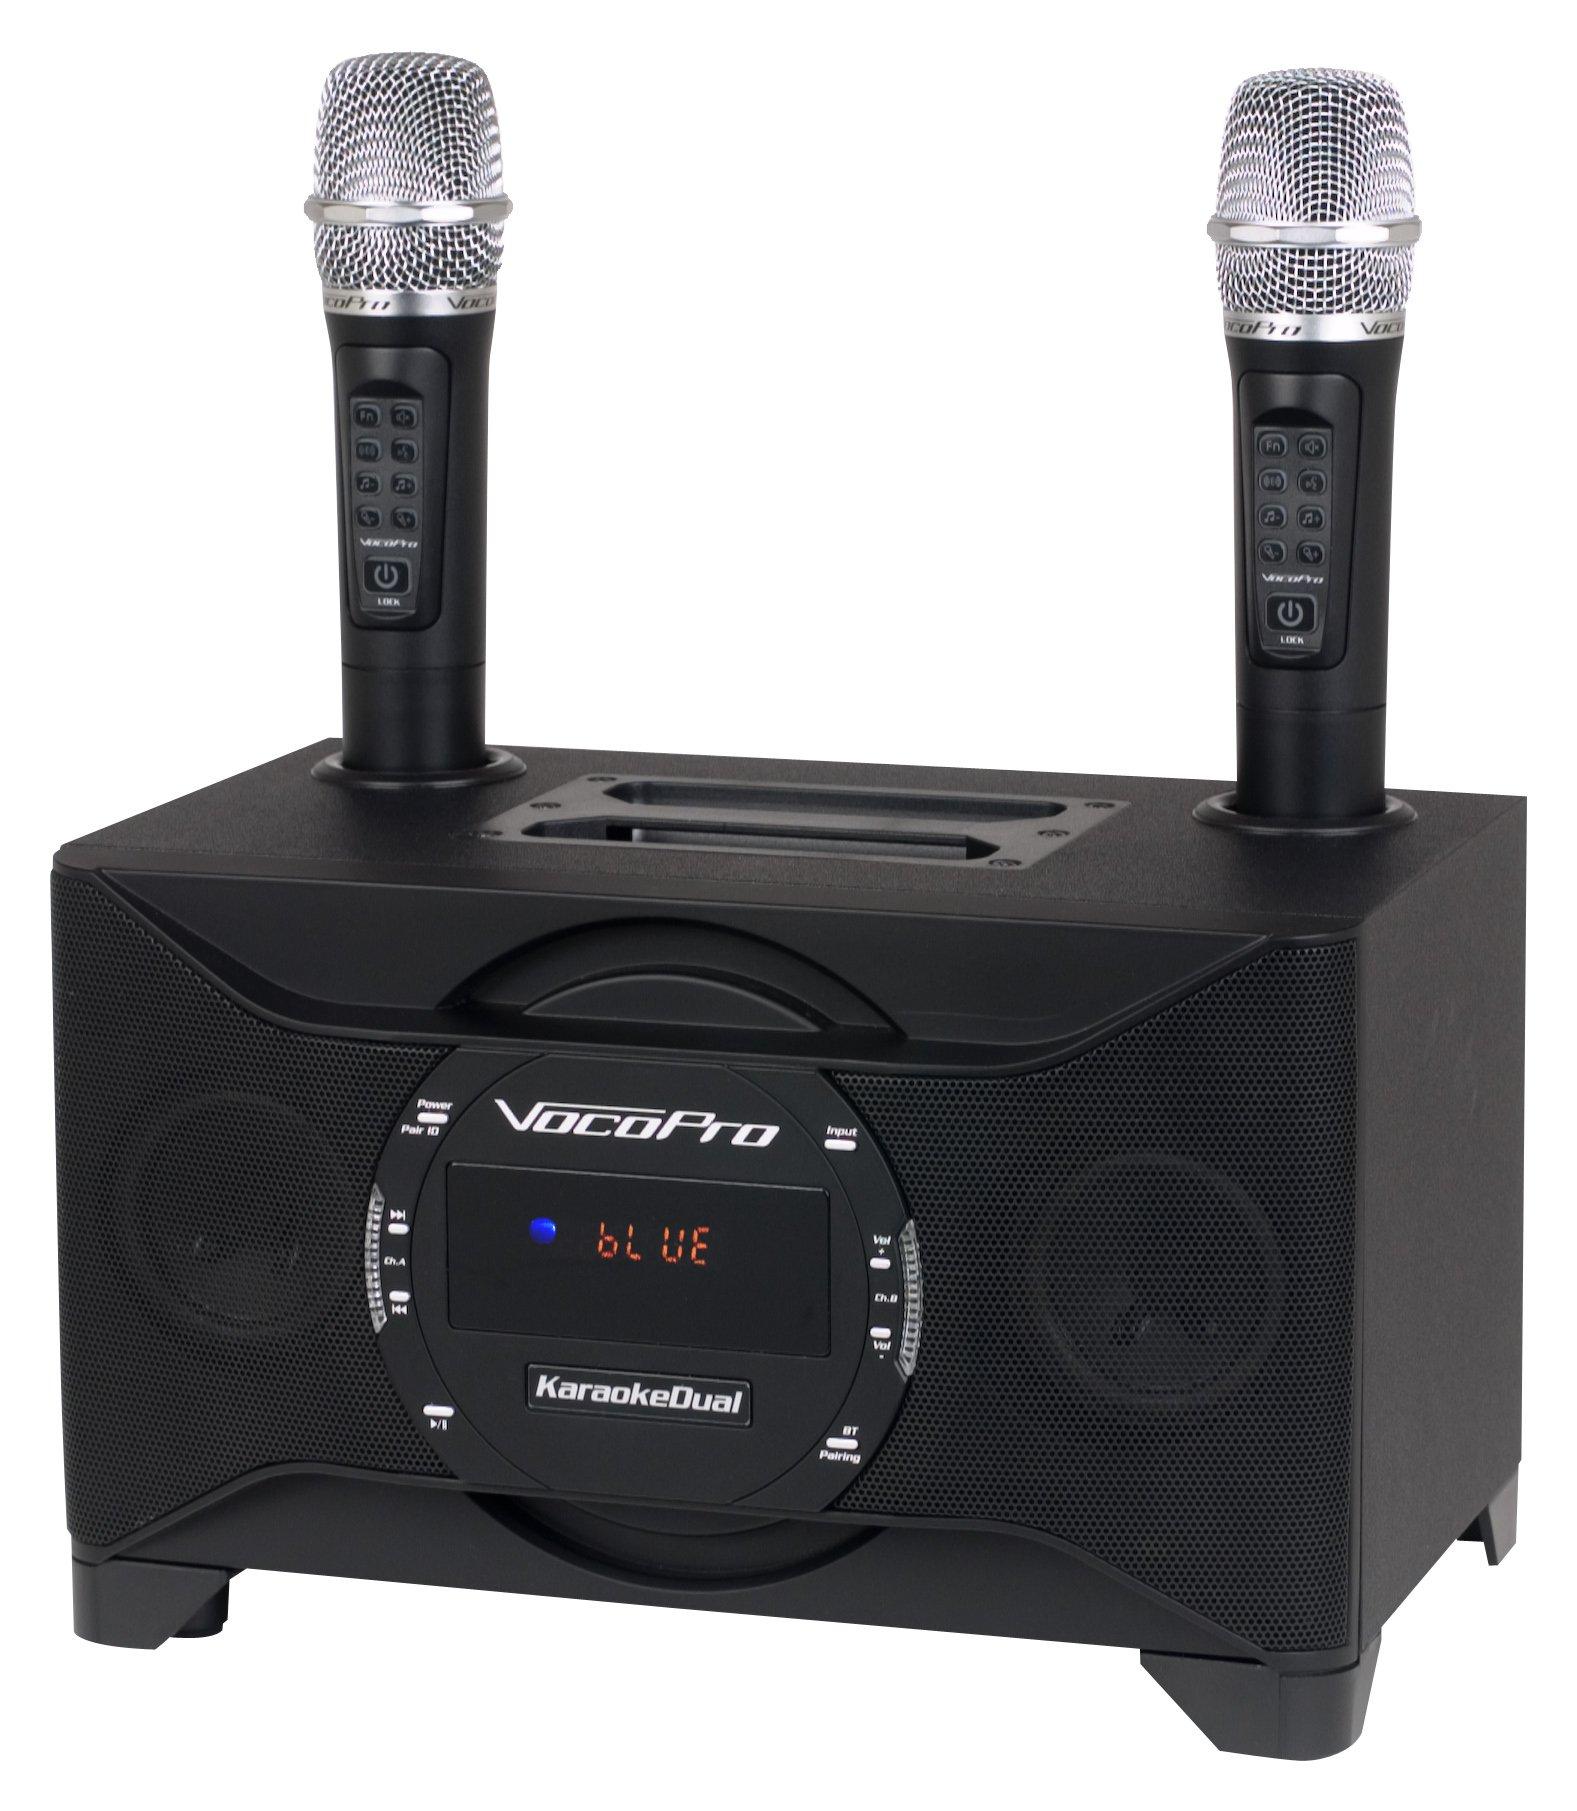 VOCOPRO Wireless Microphones & Vocal Eliminator, 1X1X1 (KARAOKEDUAL)